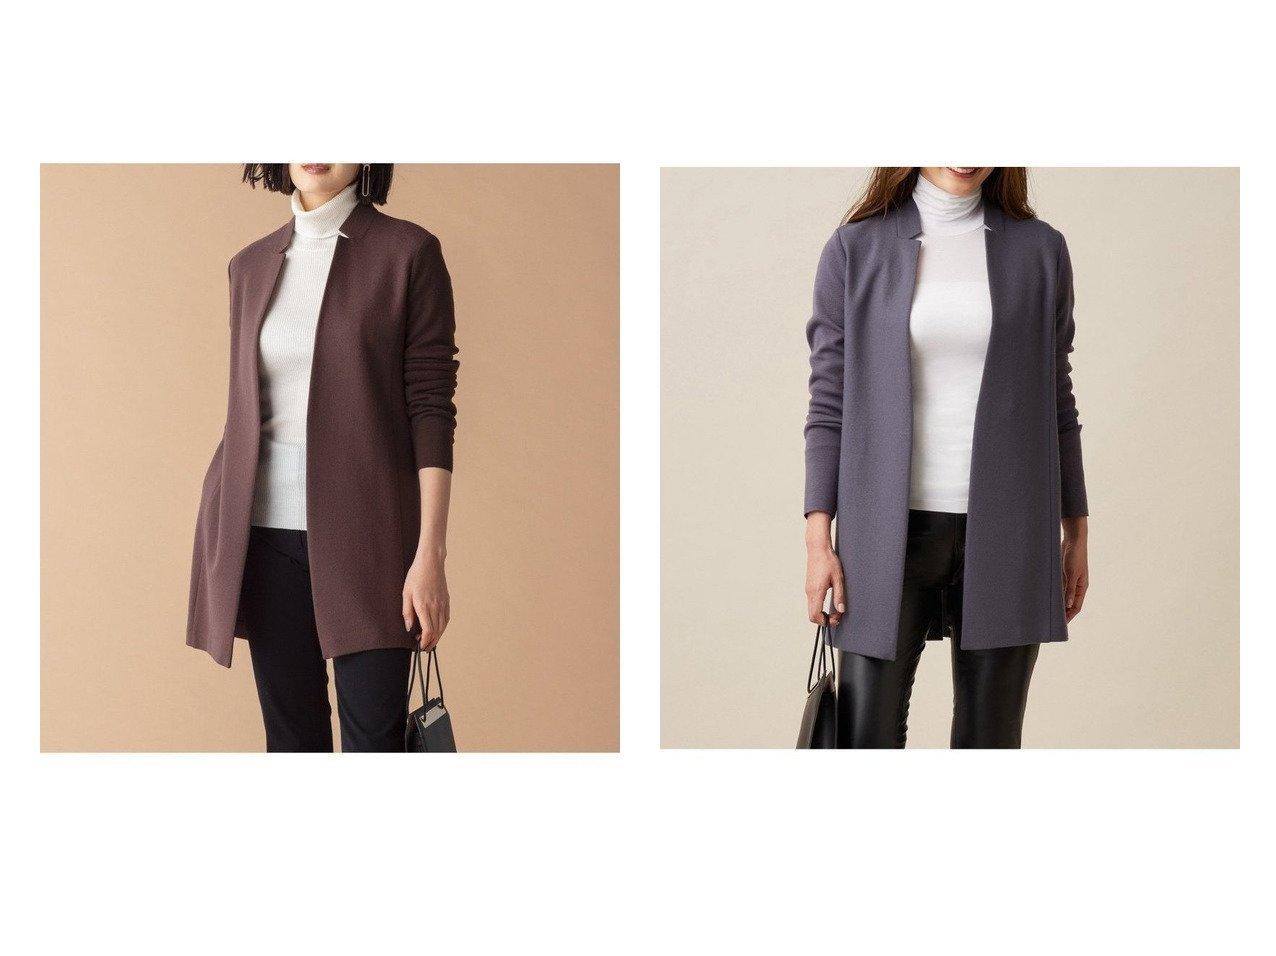 【iCB/アイシービー】のMilled Jersey ライトアウター アウターのおすすめ!人気、トレンド・レディースファッションの通販 おすすめで人気の流行・トレンド、ファッションの通販商品 メンズファッション・キッズファッション・インテリア・家具・レディースファッション・服の通販 founy(ファニー) https://founy.com/ ファッション Fashion レディースファッション WOMEN アウター Coat Outerwear コート Coats ジャケット Jackets インナー 秋 Autumn/Fall カーディガン ジャケット ジャージー デニム ドッキング 人気 ワイド ワーク 冬 Winter |ID:crp329100000014498